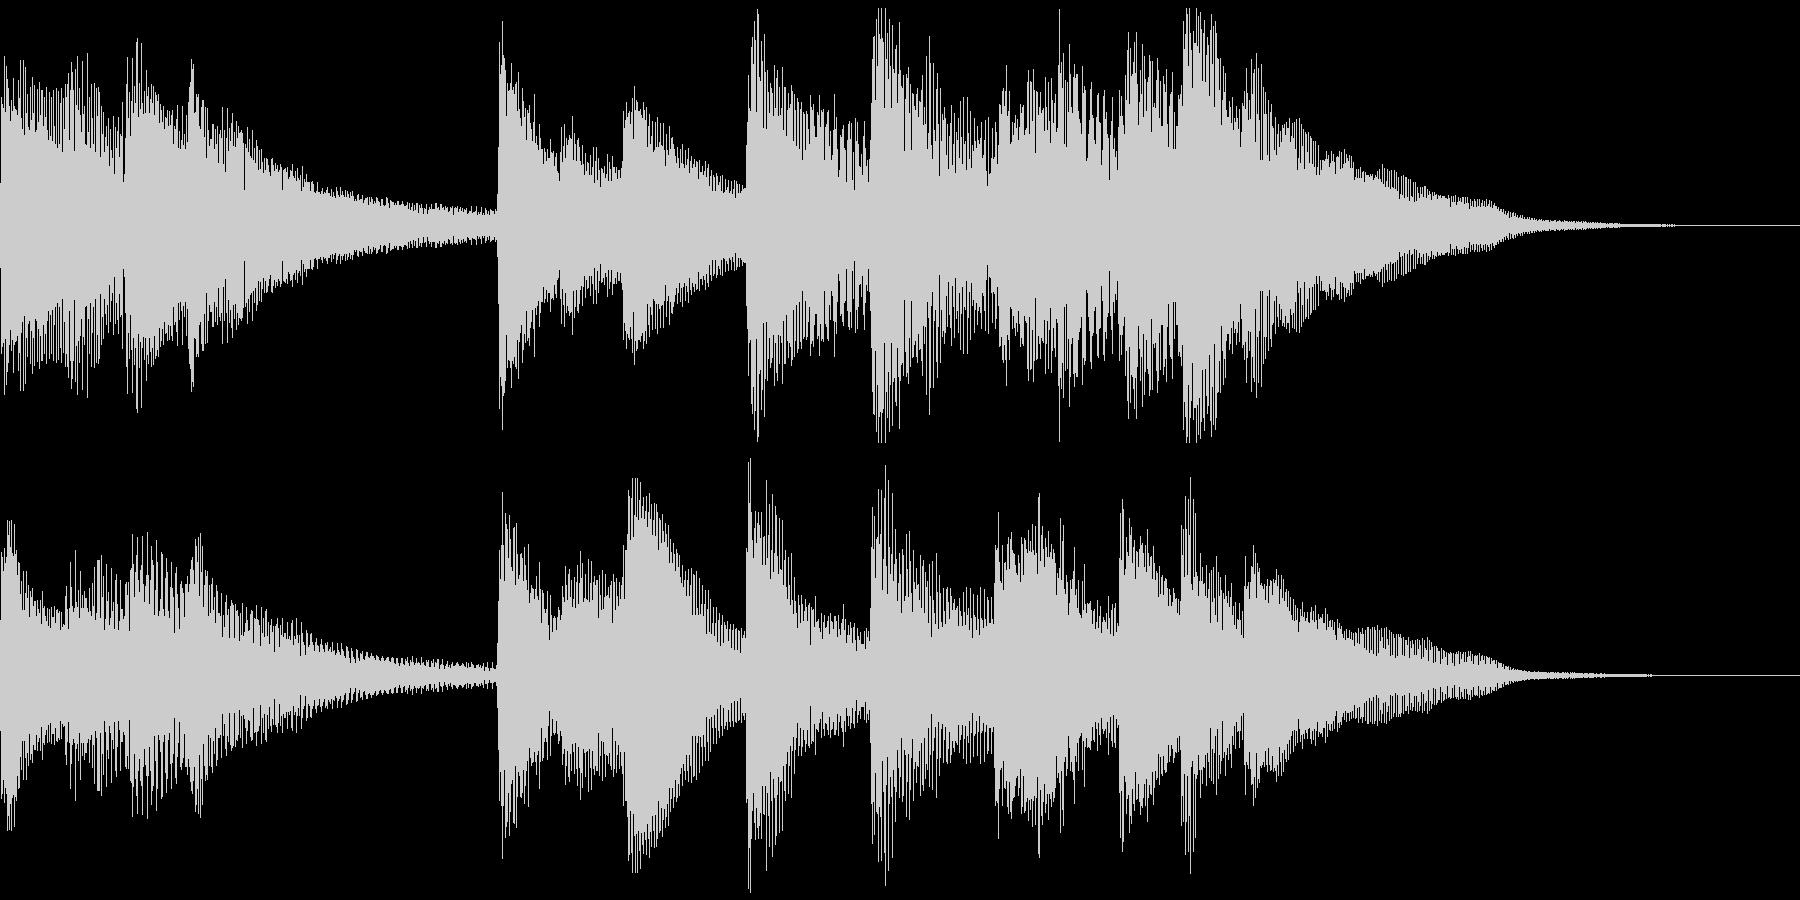 シンプルなピアノのジングルの未再生の波形